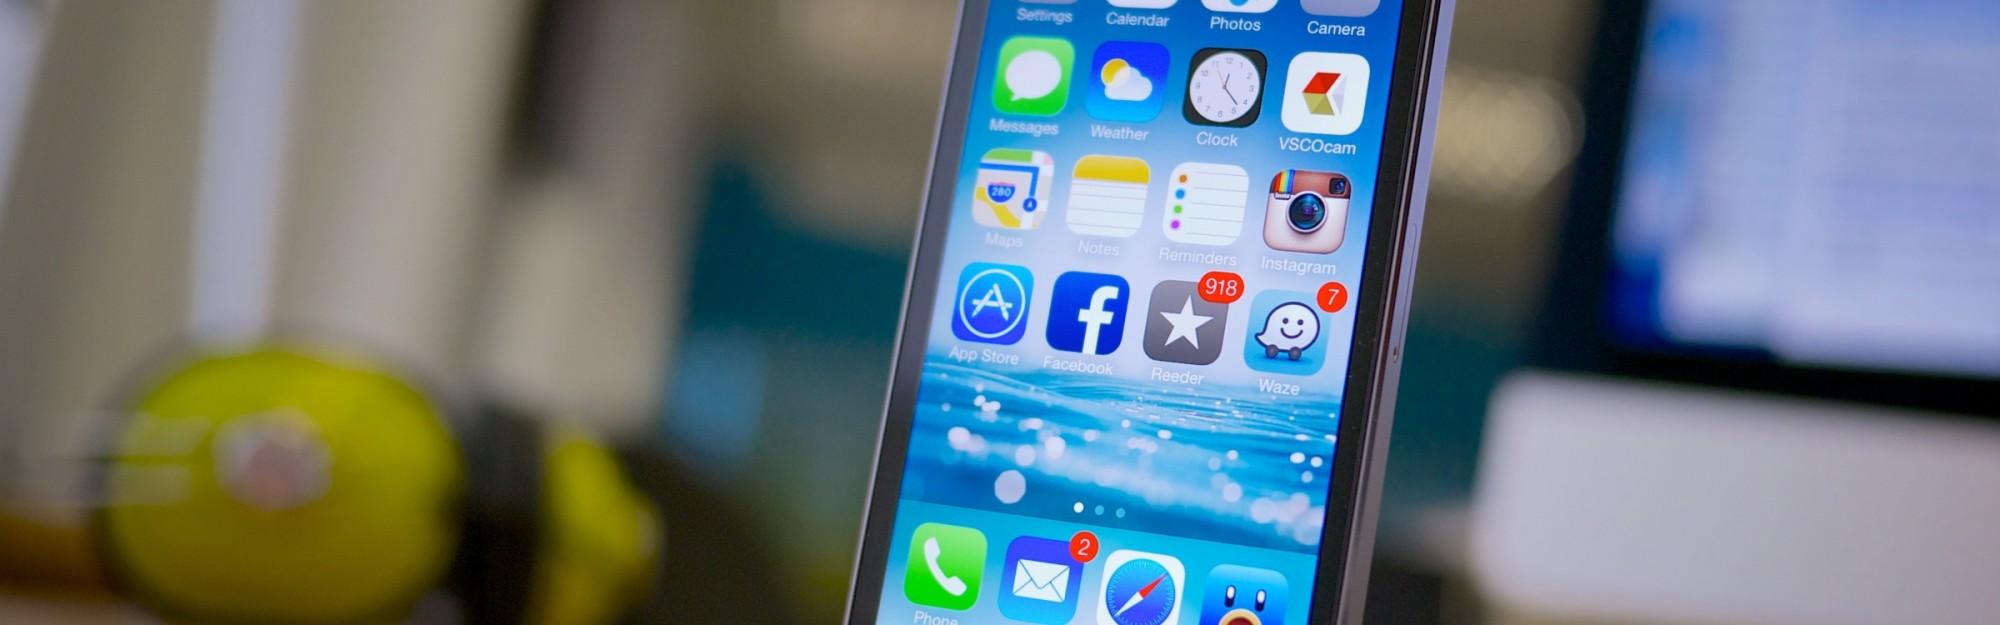 Wie kopiert man WMA Dateien auf iPod & iPhone?